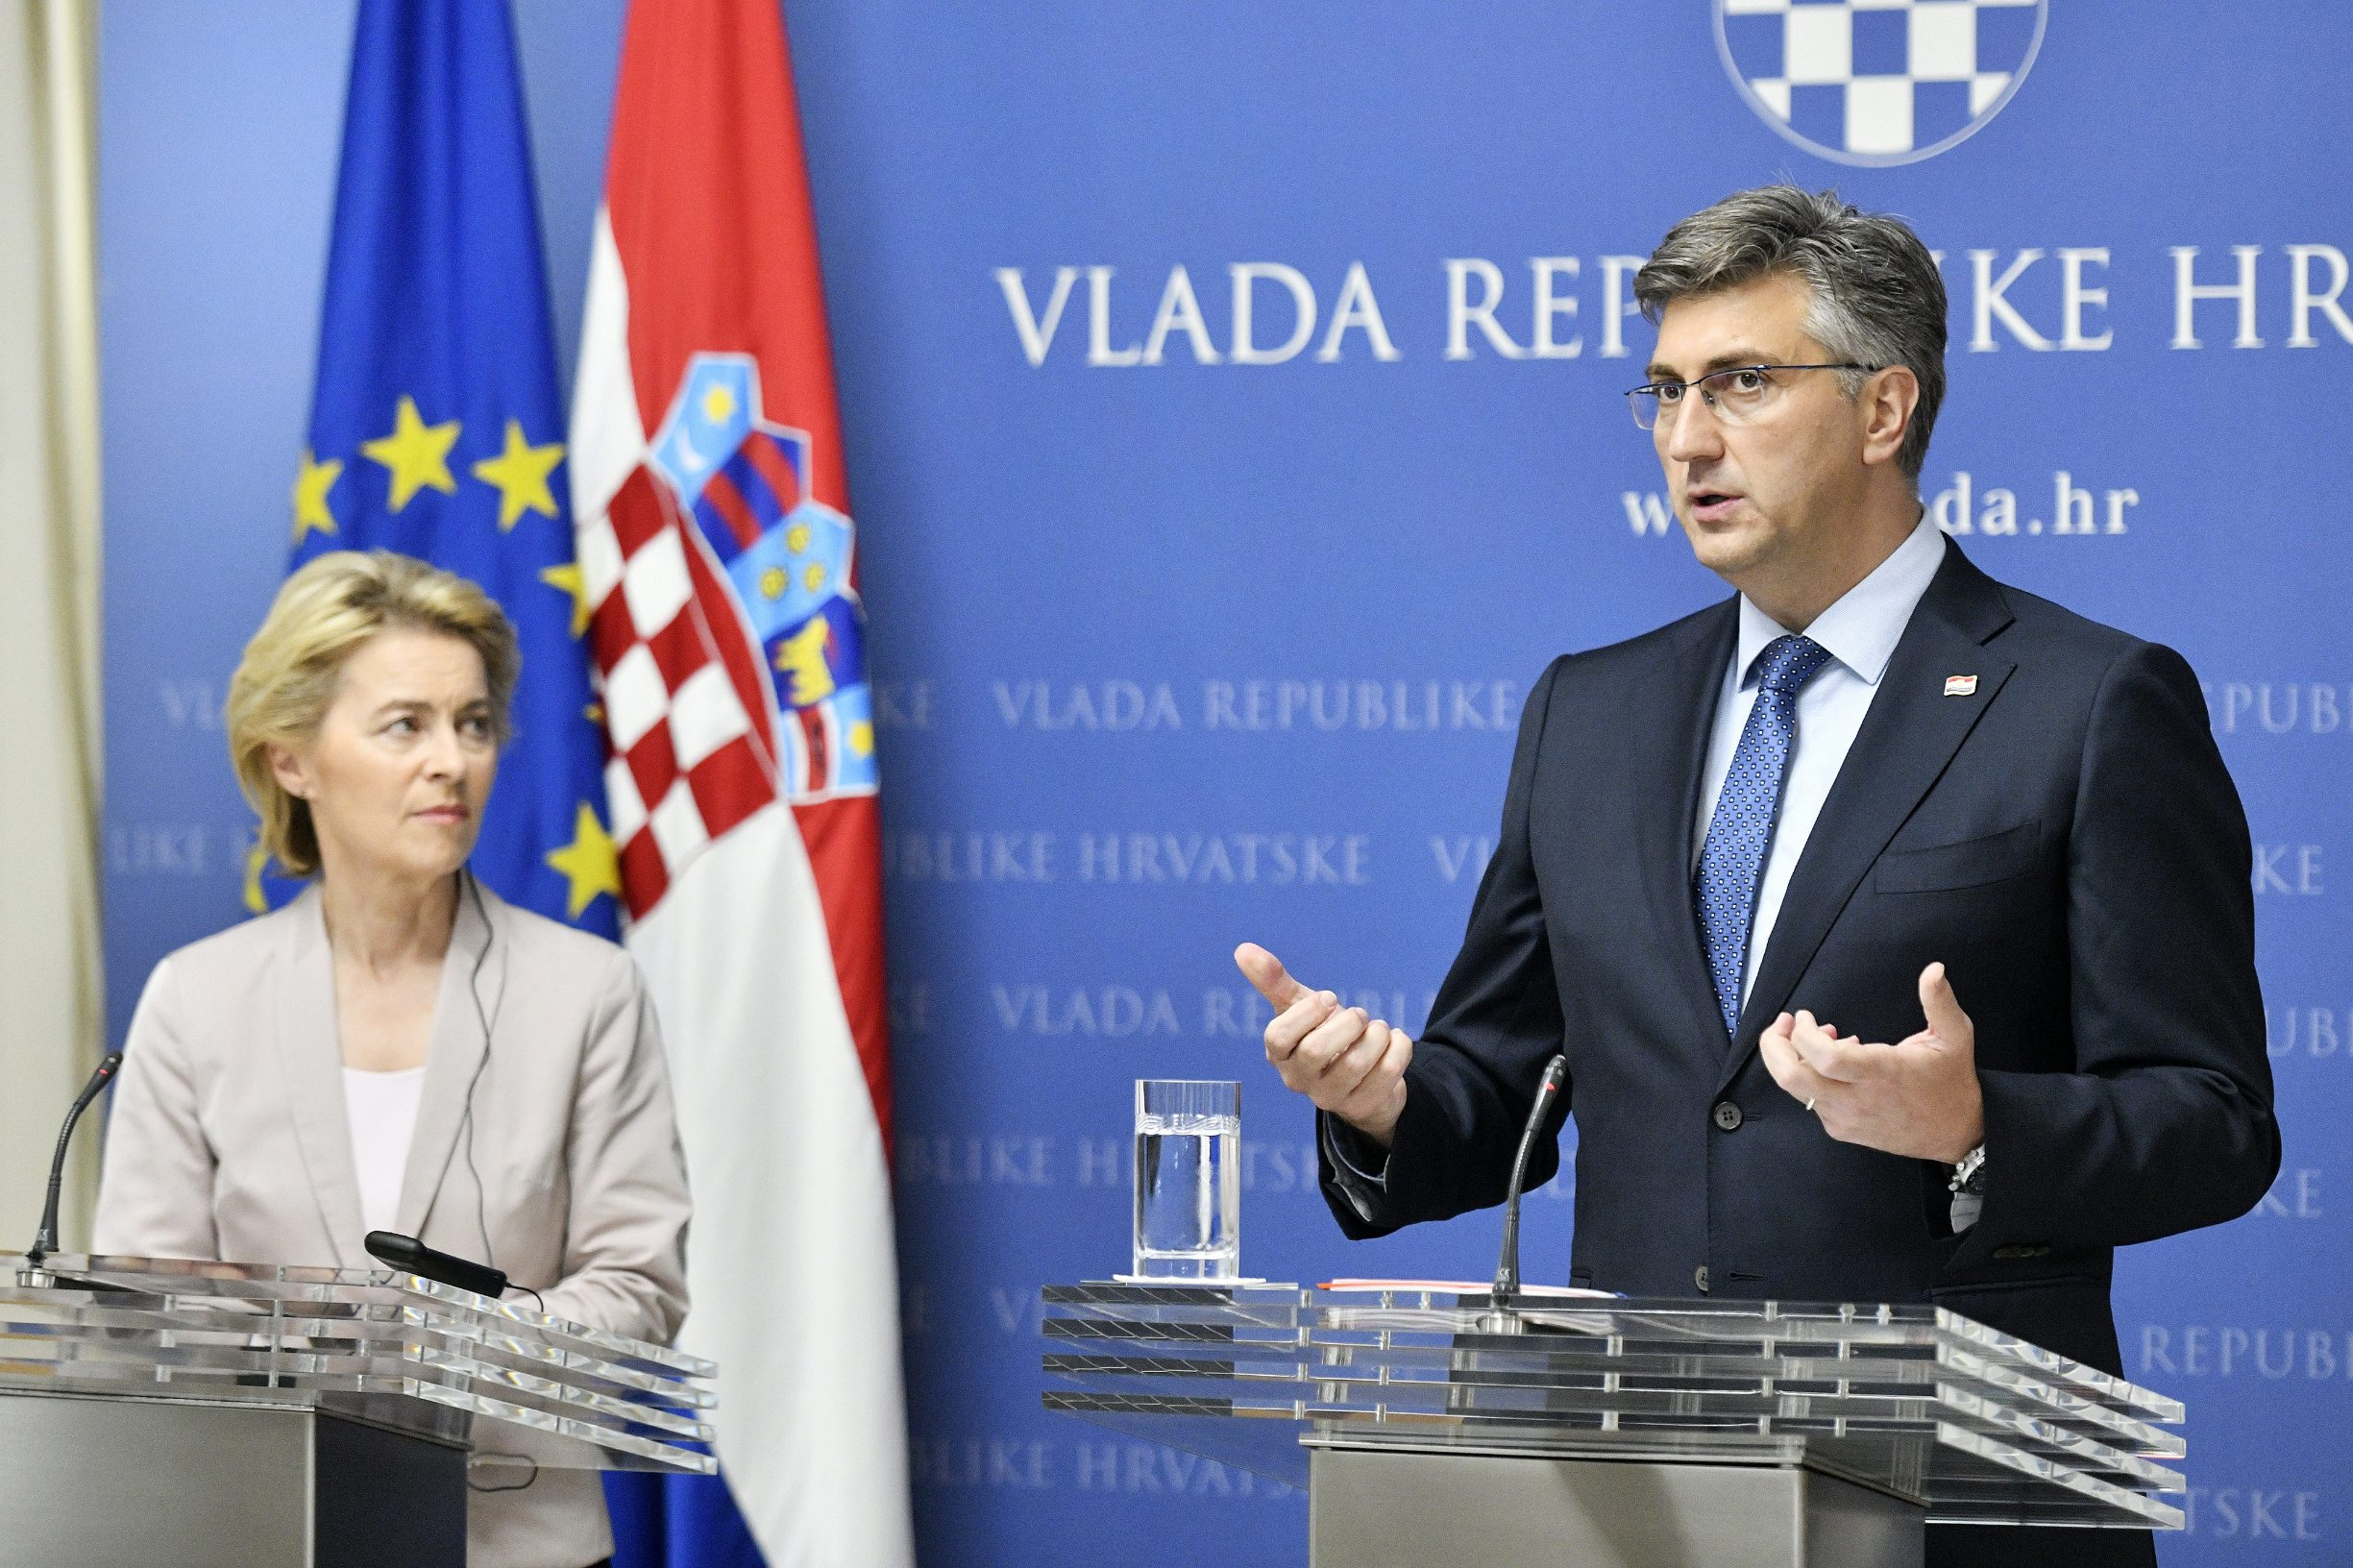 Predsjednik Vlade RH Andrej Plenković primio je novoizabranu predsjednicu Europske komisije Ursulu von der Leyen u Zagrebu